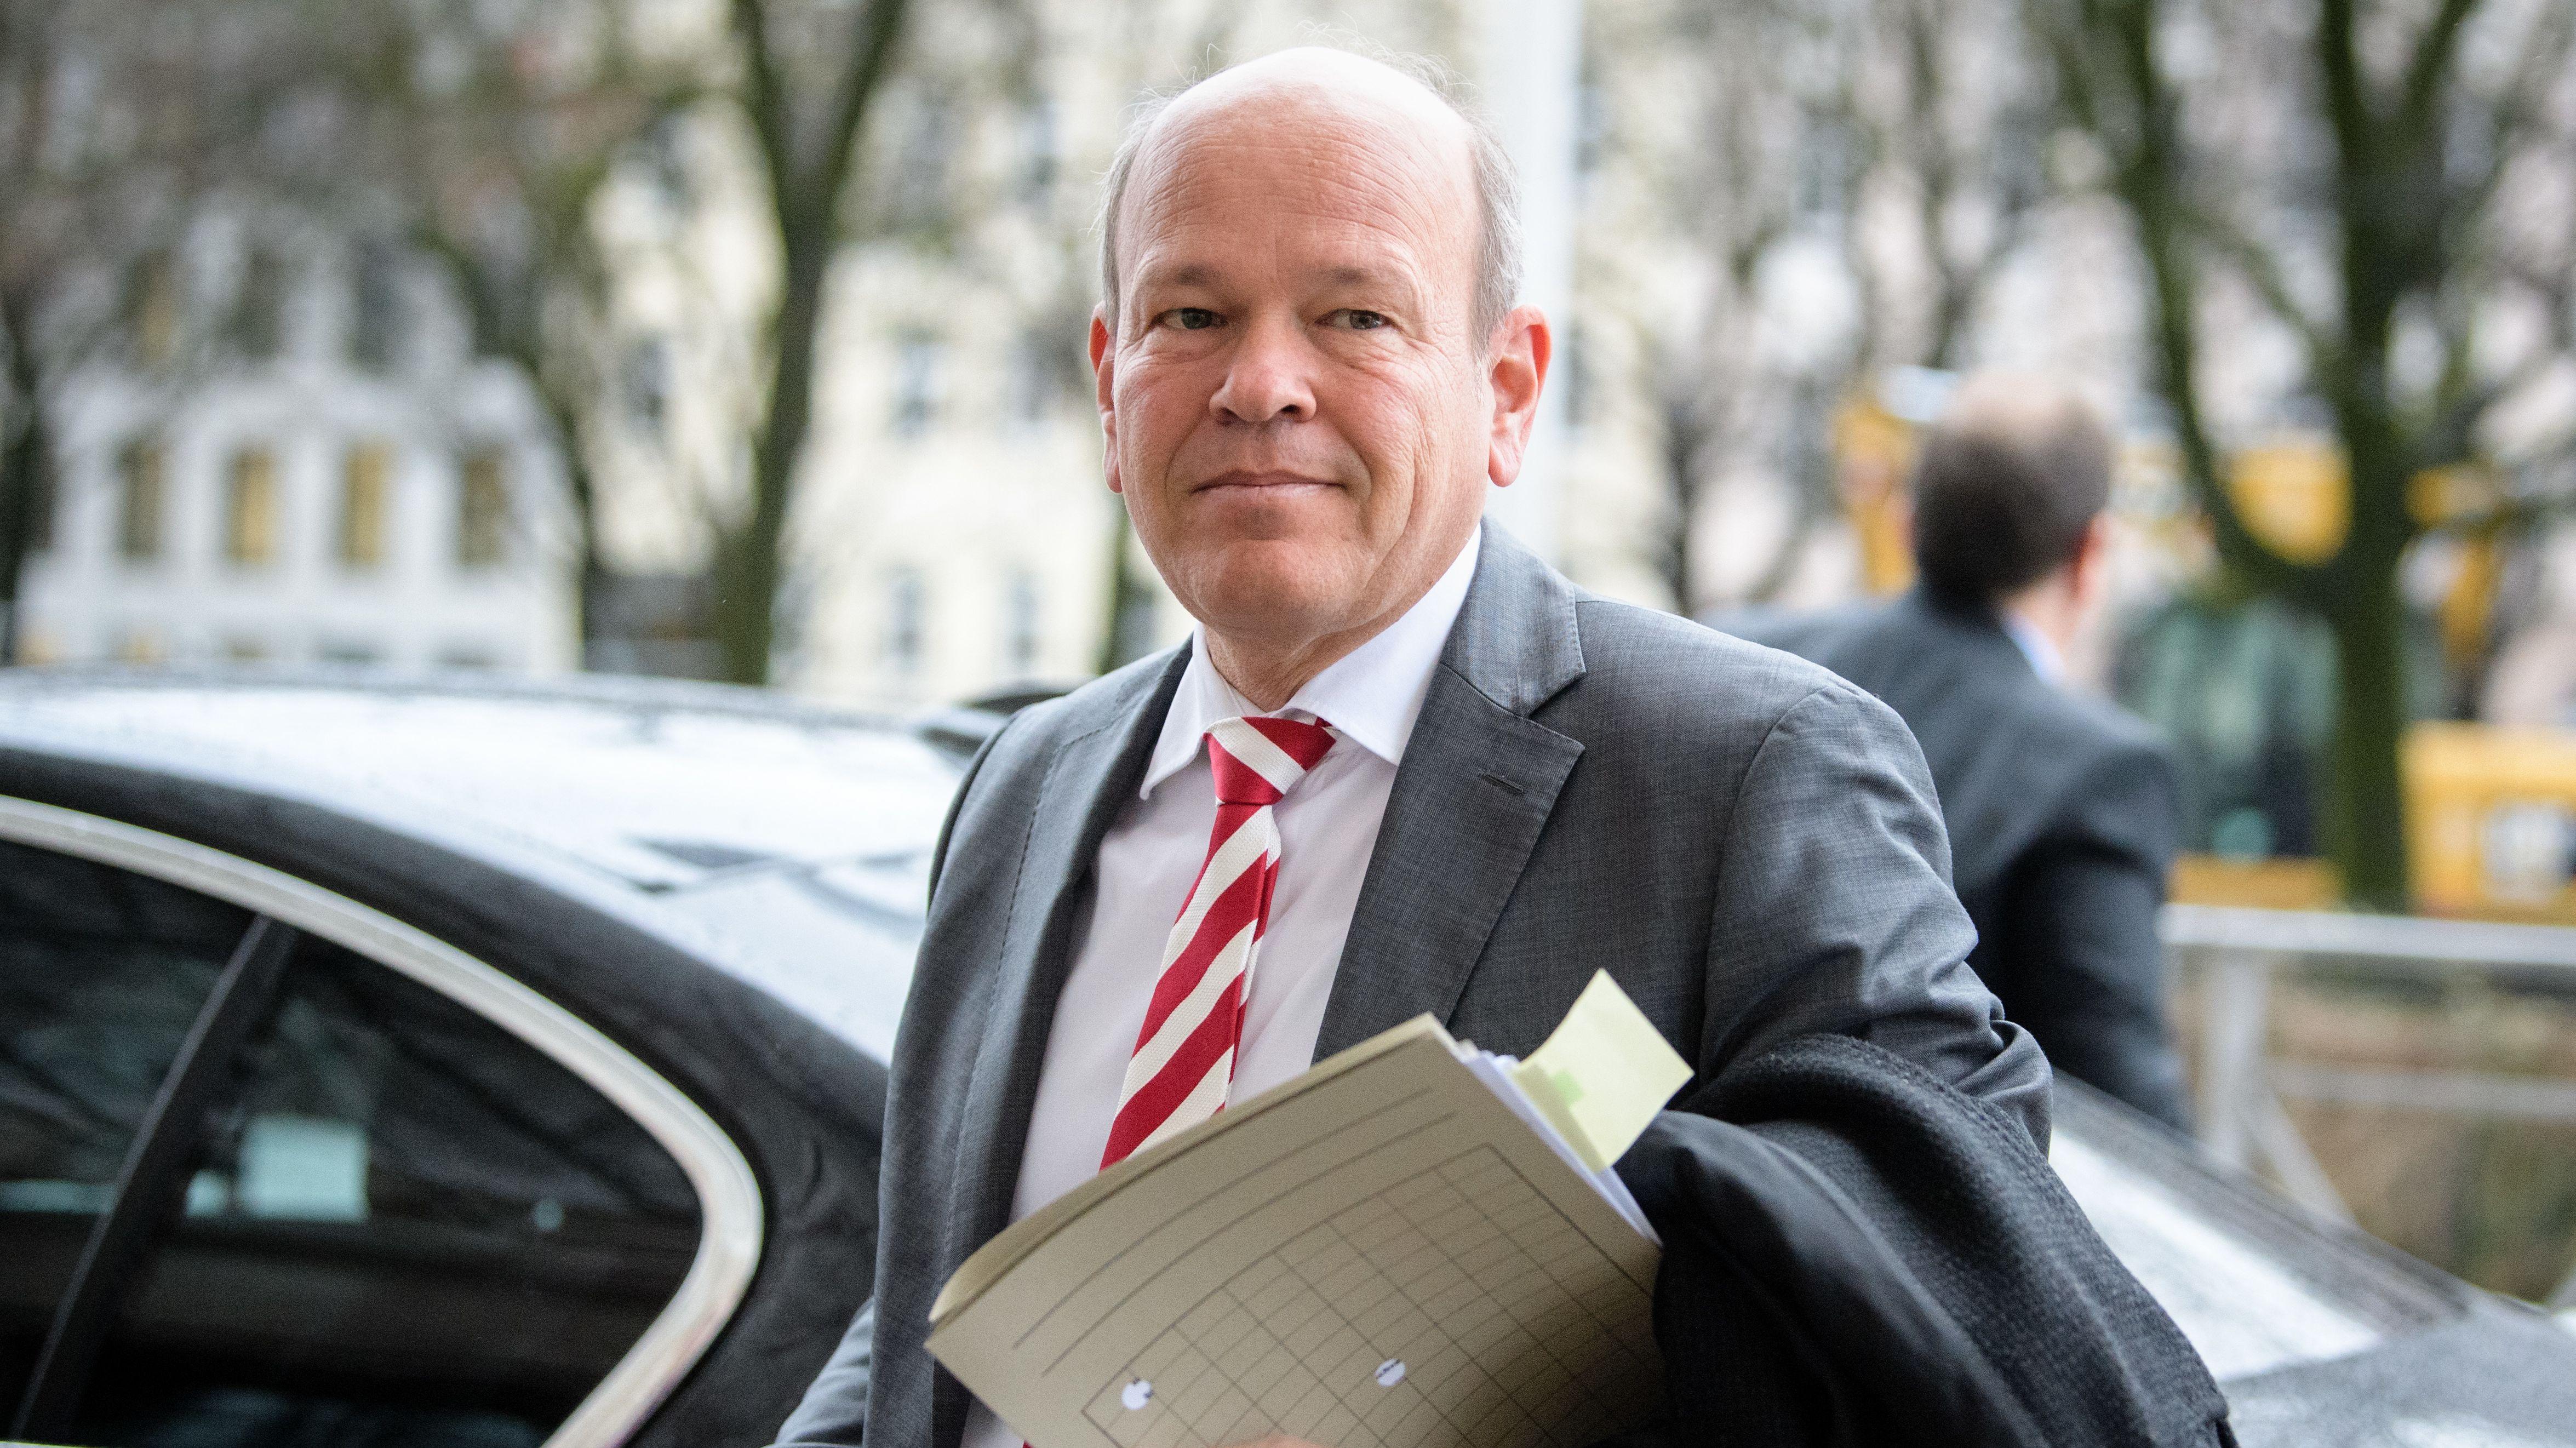 Burkhard Körner, Präsident des Landesamtes für Verfassungsschutz